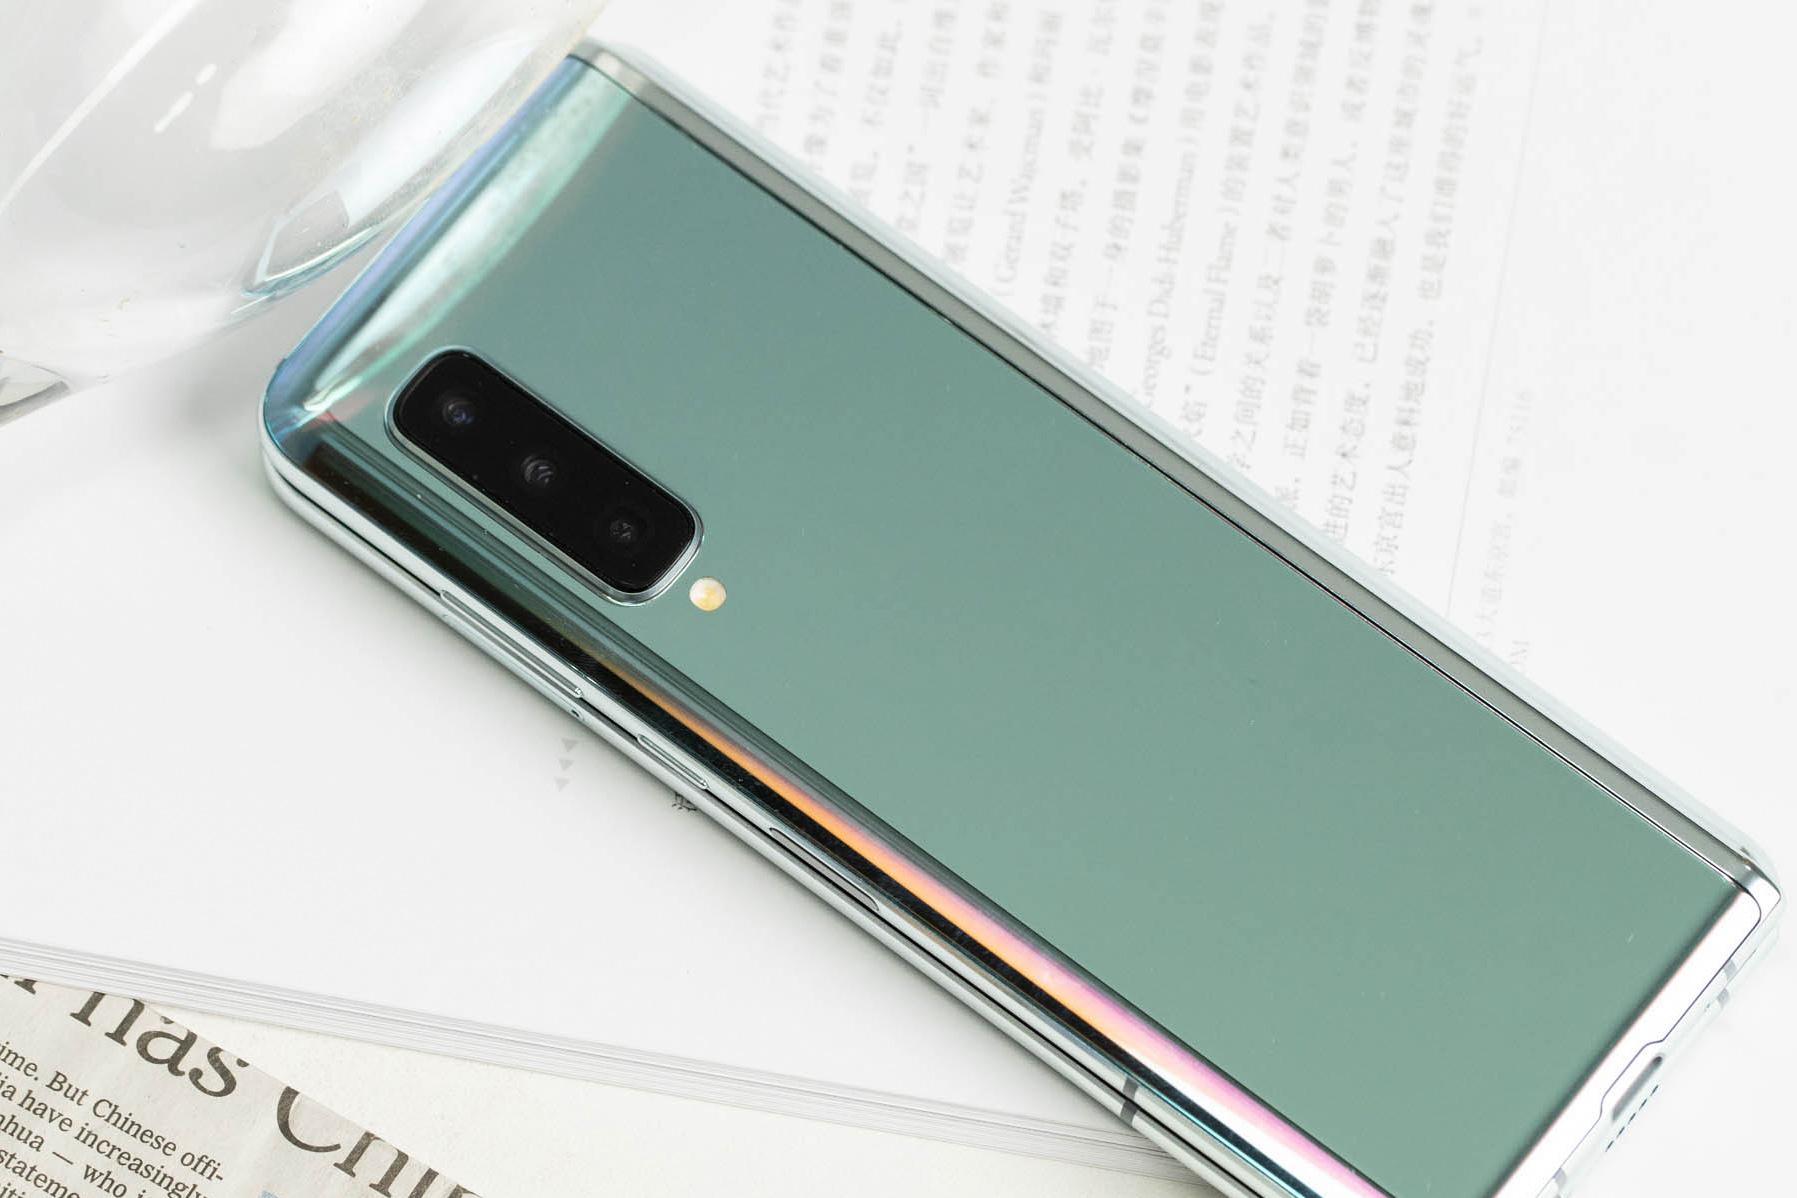 三星Galaxy Fold上手体验:双屏无缝切换的折叠屏手机的照片 - 5